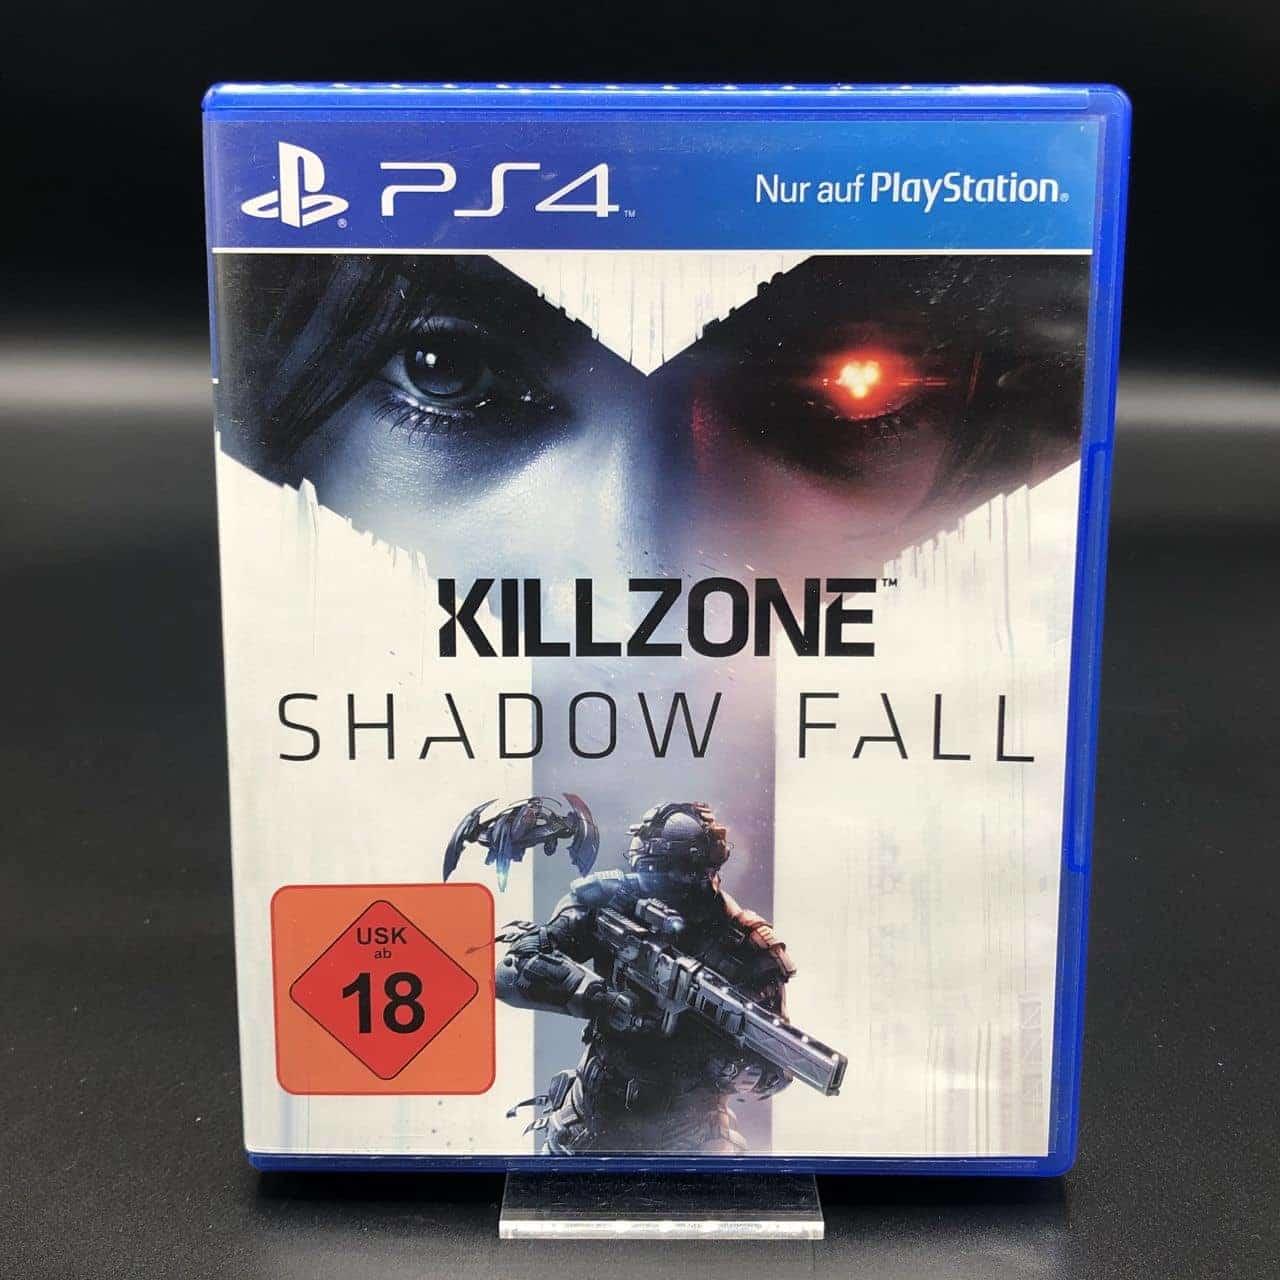 PS4 Killzone: Shadow Fall (Sehr gut) Sony PlayStation 4 (FSK18)